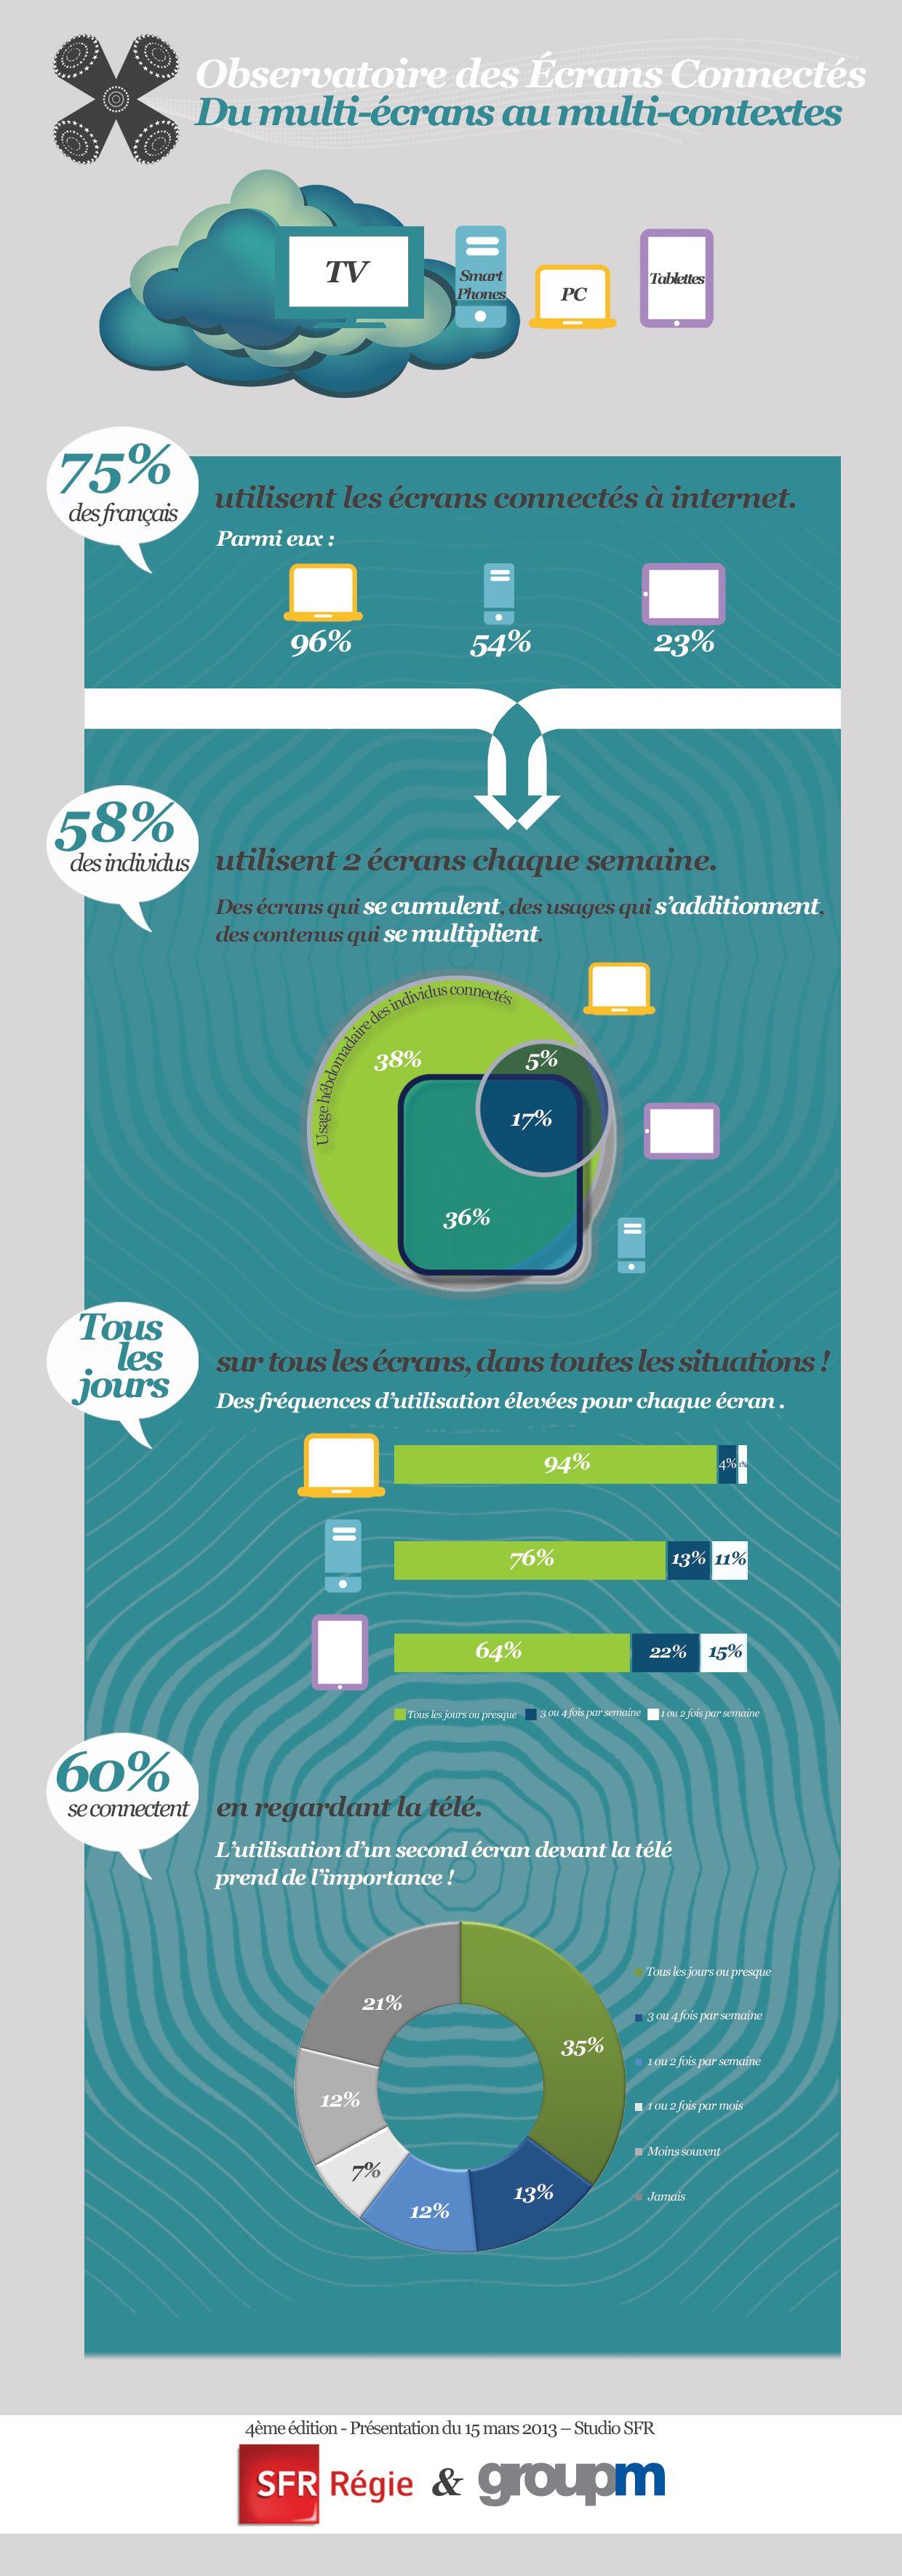 Infographie ecrans connectes by GroupM & SFR